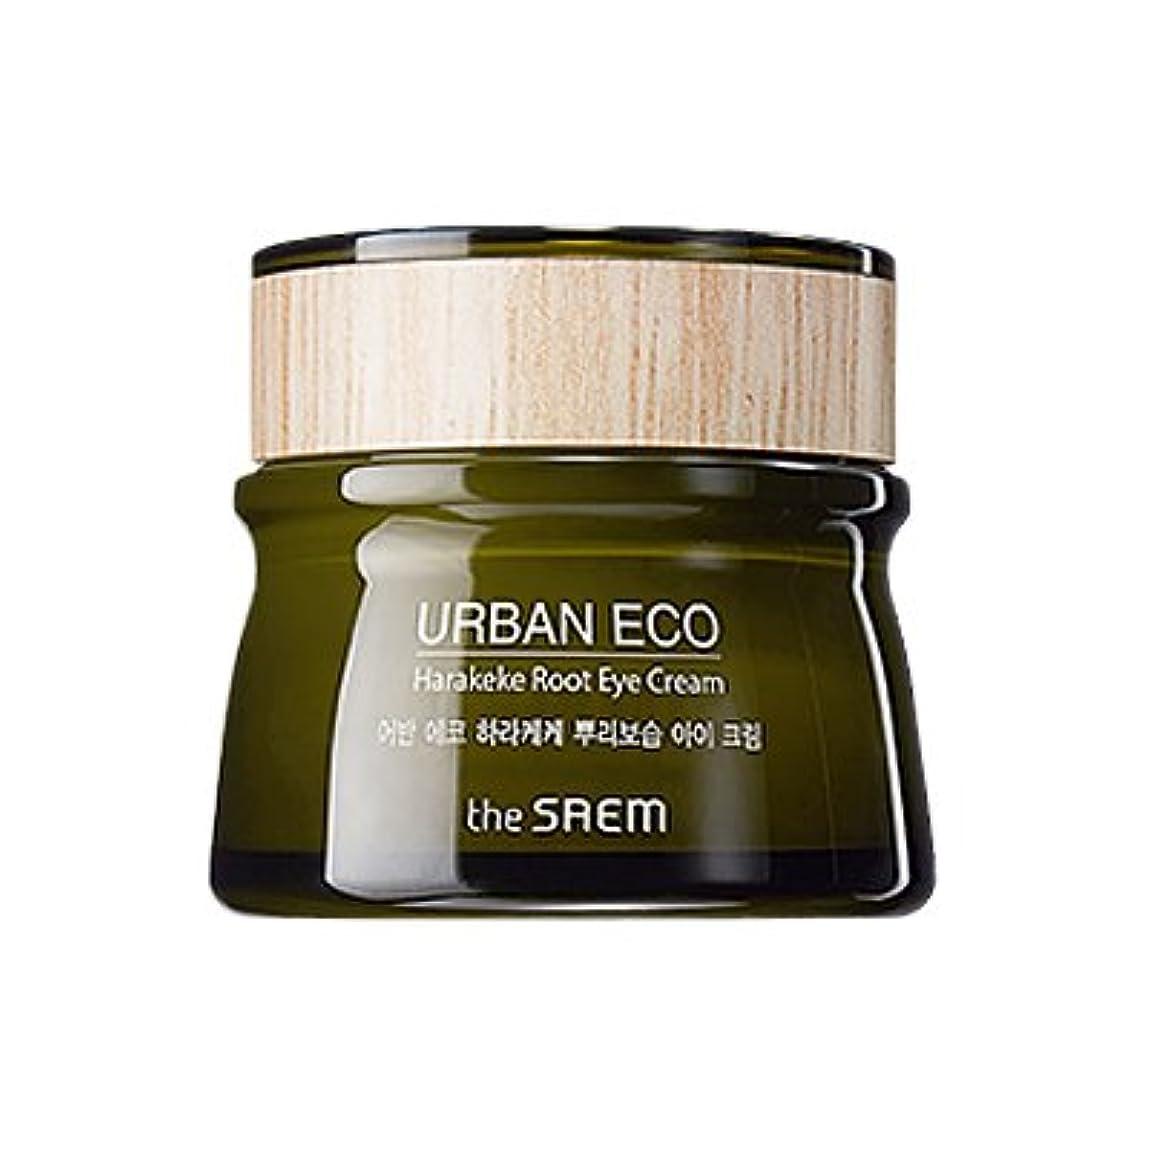 靴改革複雑なThe SAEM Urban Eco Harakeke Root Eye Creamザセムアーバンエコハラケケ根保湿アイクリーム [並行輸入品]